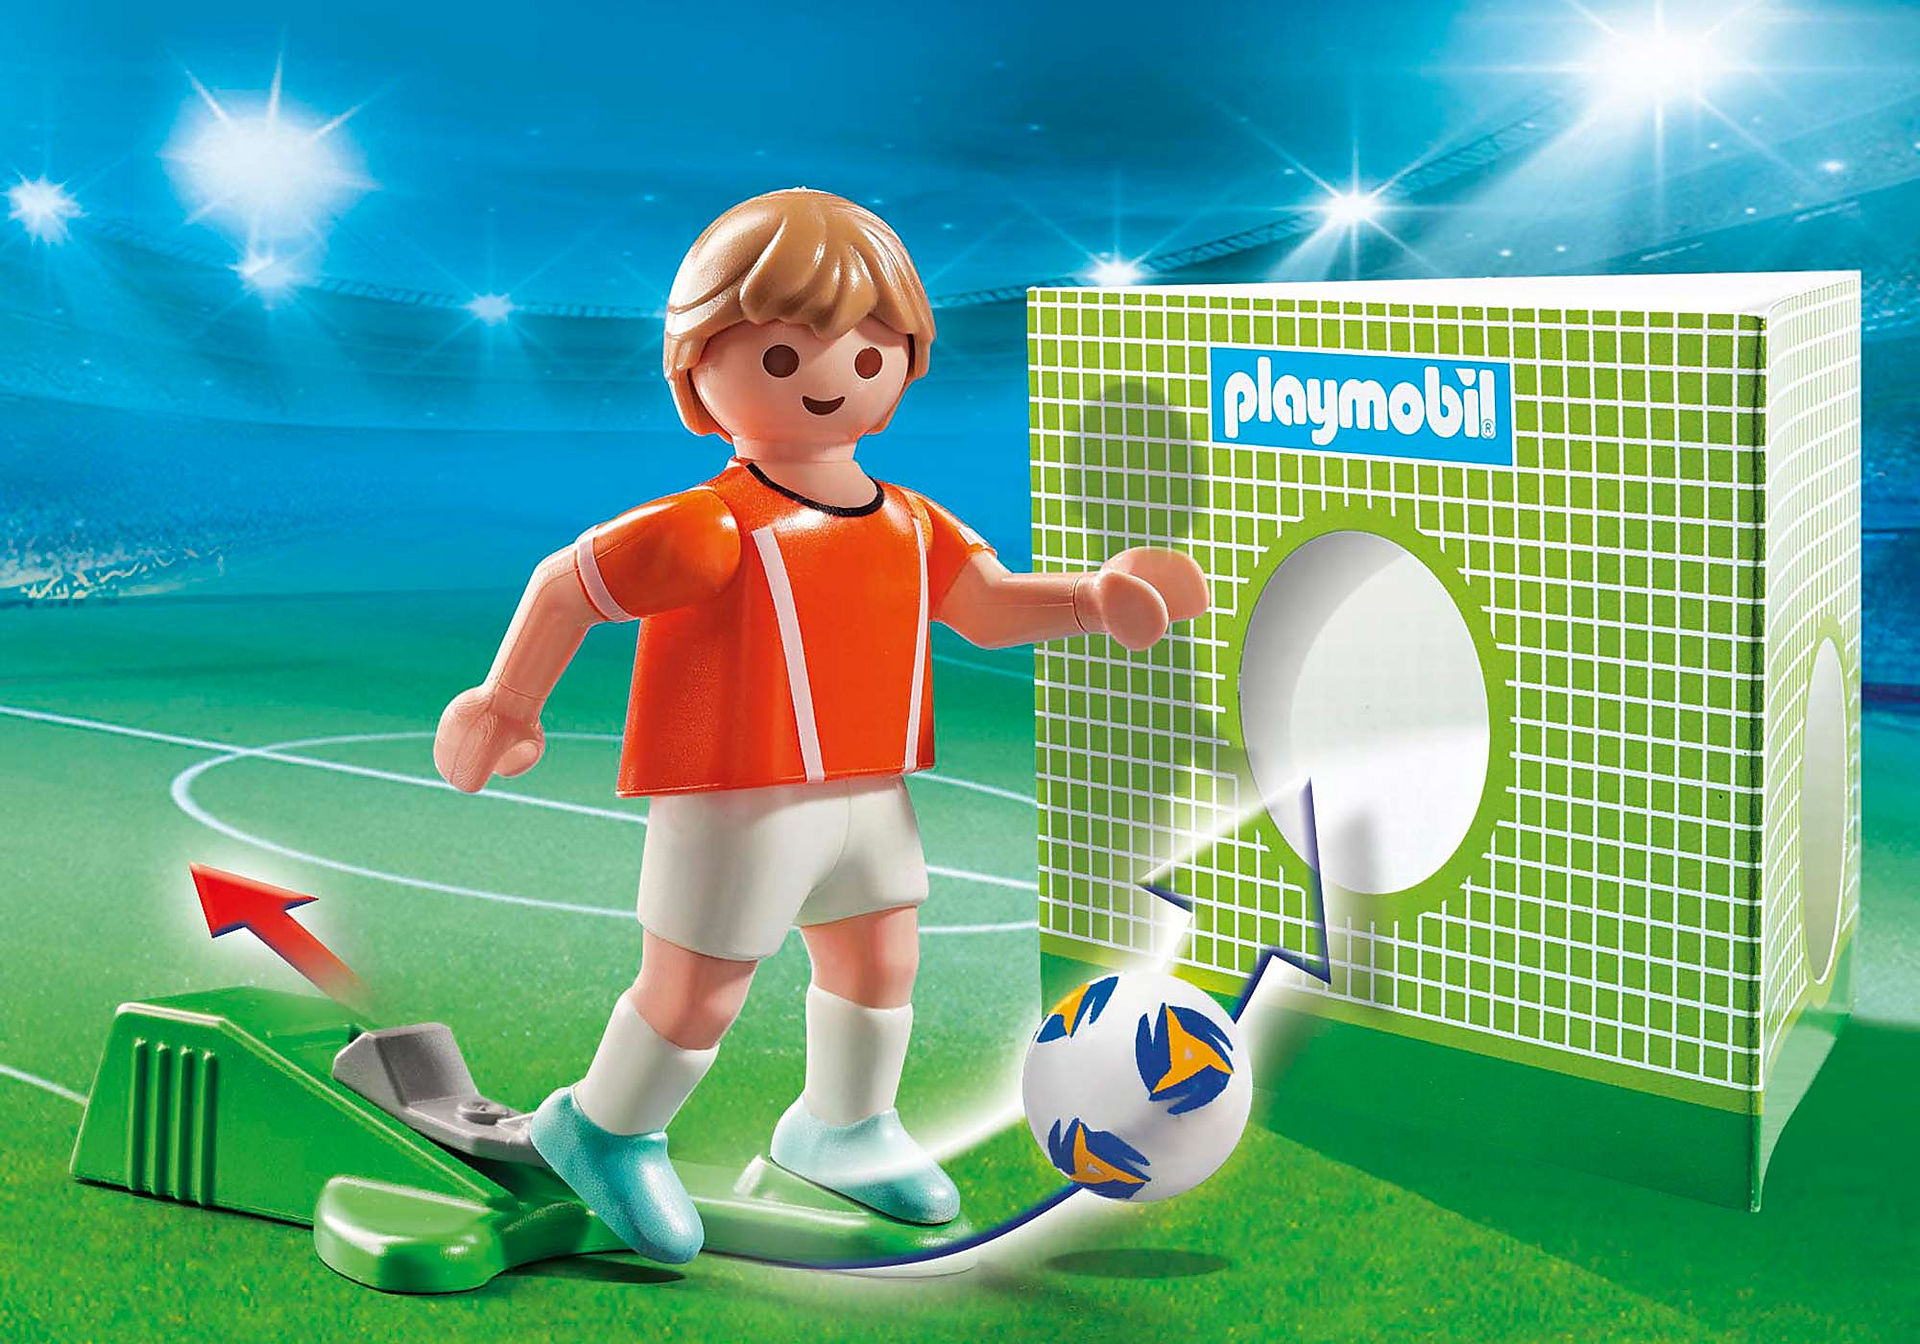 70487 Nederländsk fotbollsspelare  zoom image1